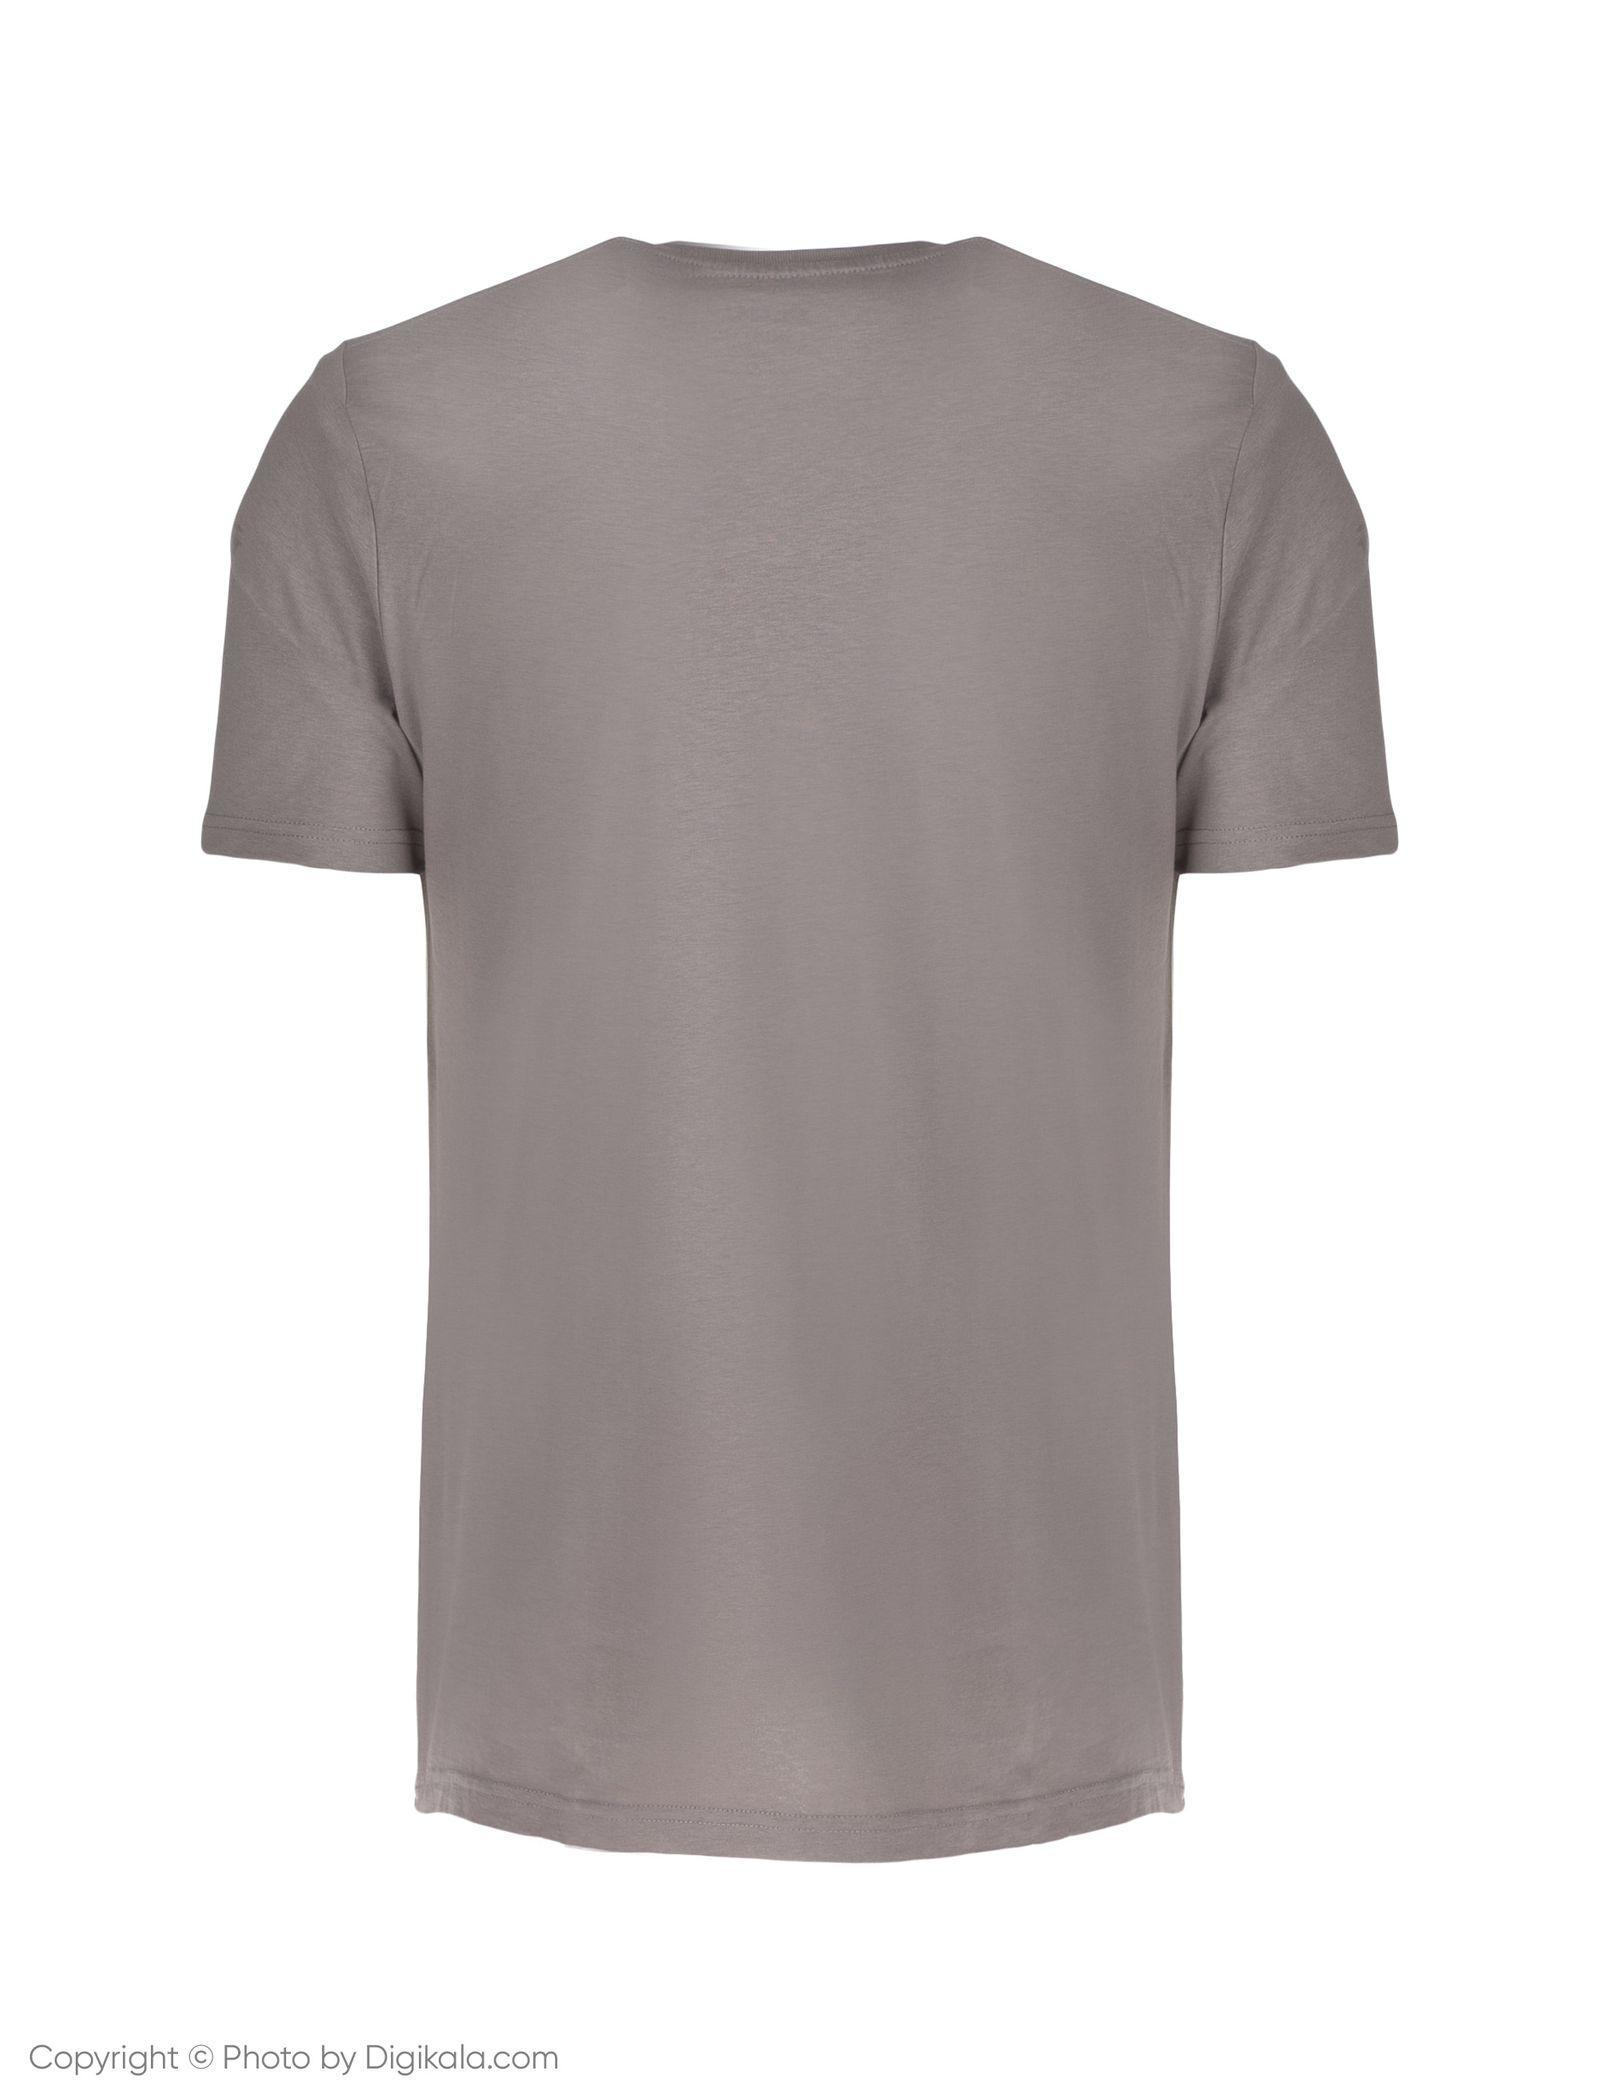 تی شرت مردانه یوپیم مدل 5126642 -  - 2